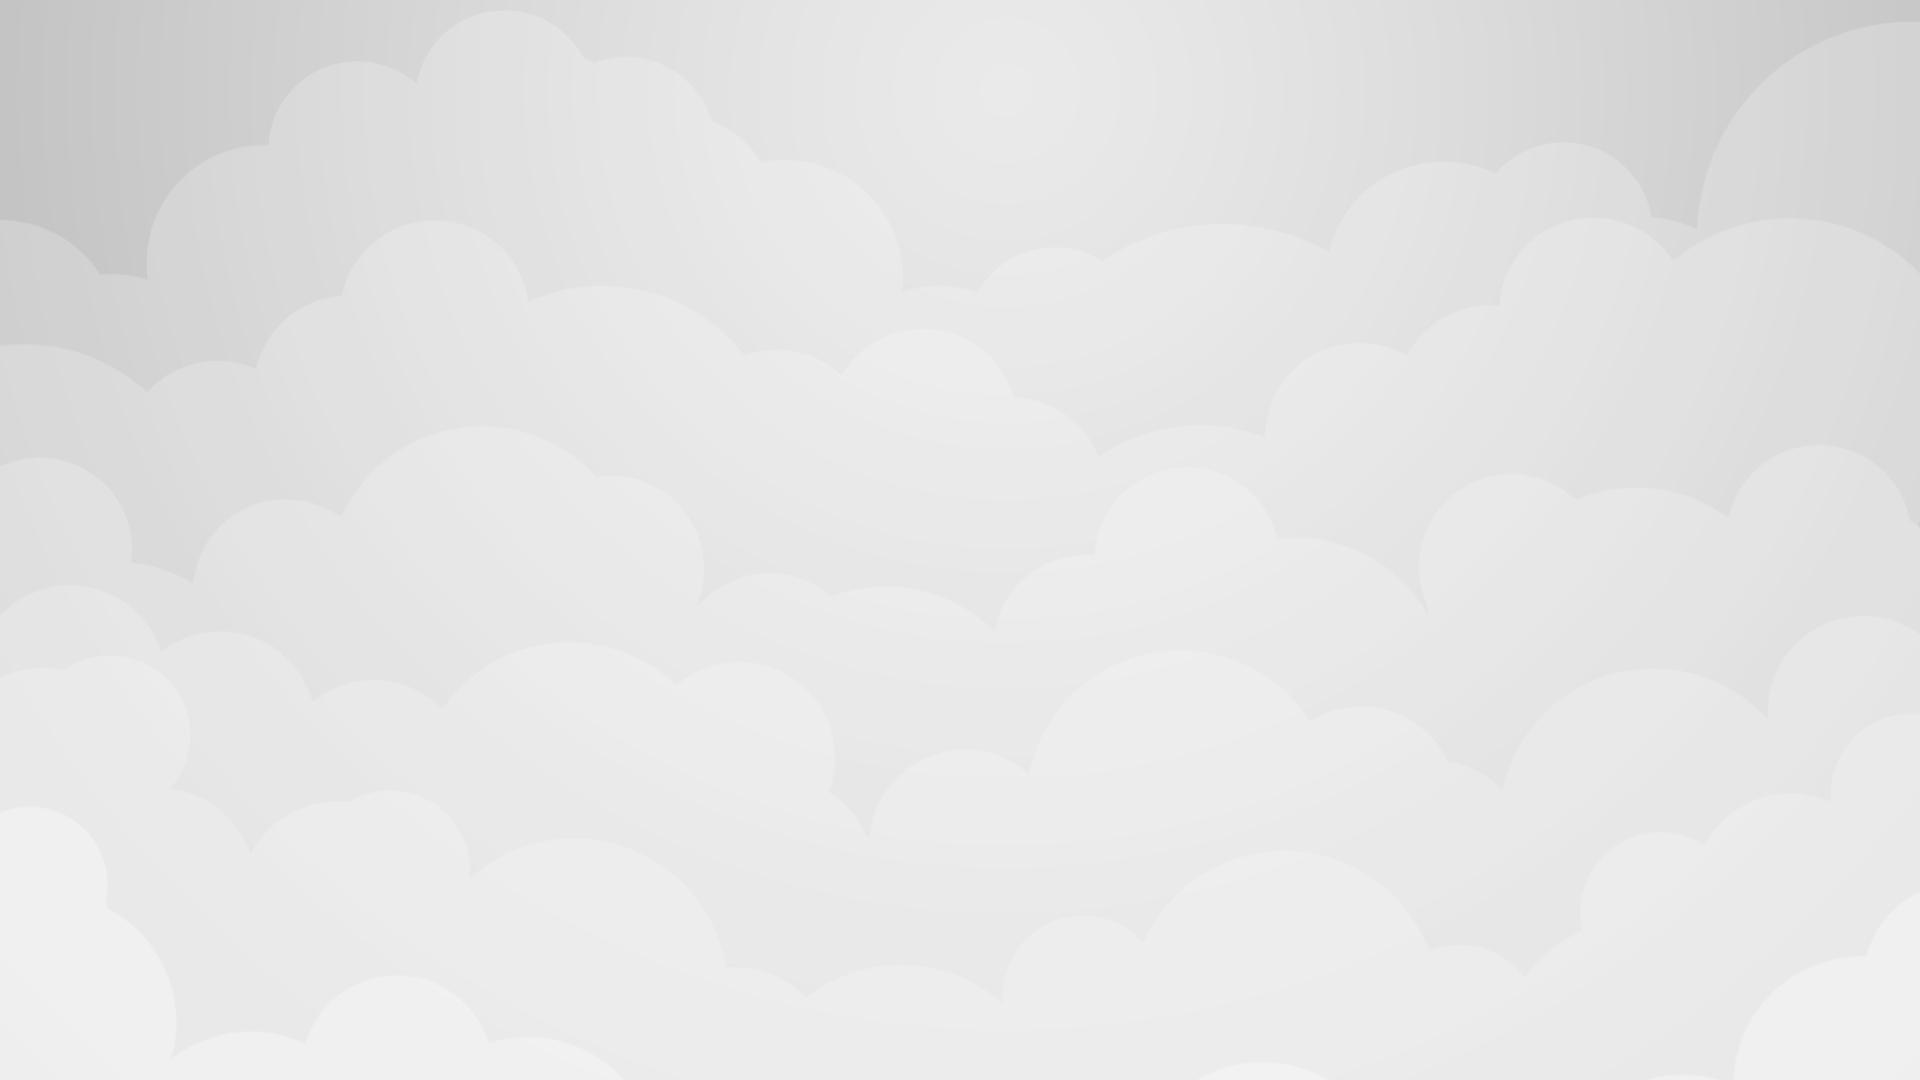 Sky Cloud Minimalistic 1920x1080 1920x1080